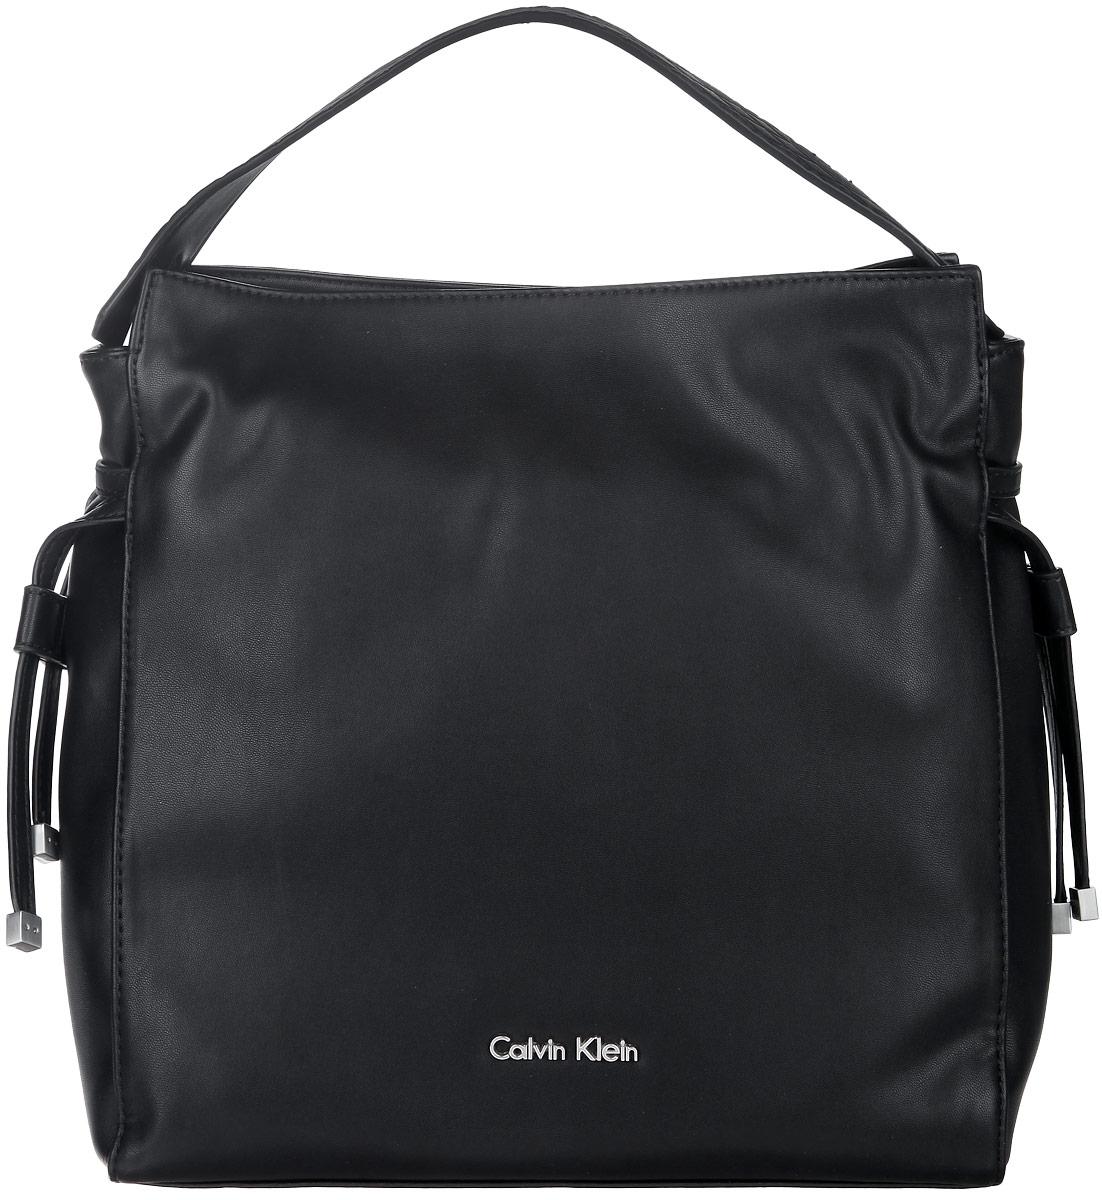 Сумка женская Calvin Klein, цвет: черный. K60K601026K60K601026Стильная женская сумка Calvin Klein выполнена из полиуретана, оформлена металлической фурнитурой с символикой бренда. Изделие содержит одно вместительное отделение и закрывается на магниты. Внутри расположены два накладных кармана и врезной карман на молнии. Сумка оснащена широкой лямкой для переноски и съемным плечевым ремнем. Оригинальный аксессуар от Calvin Klein позволит вам завершить образ и быть неотразимой.